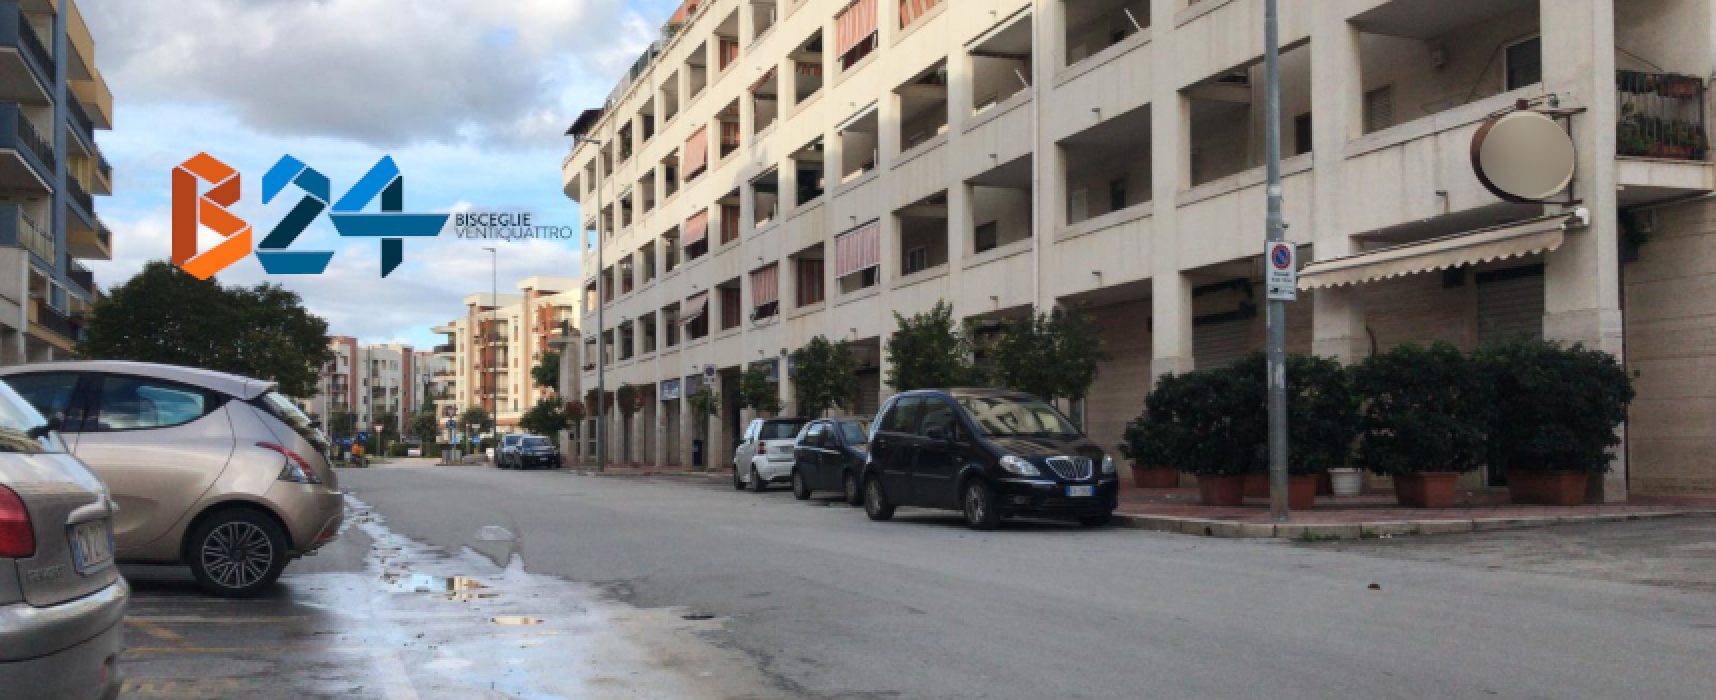 Agguato nella notte in via Cavour: ferito 21enne pregiudicato